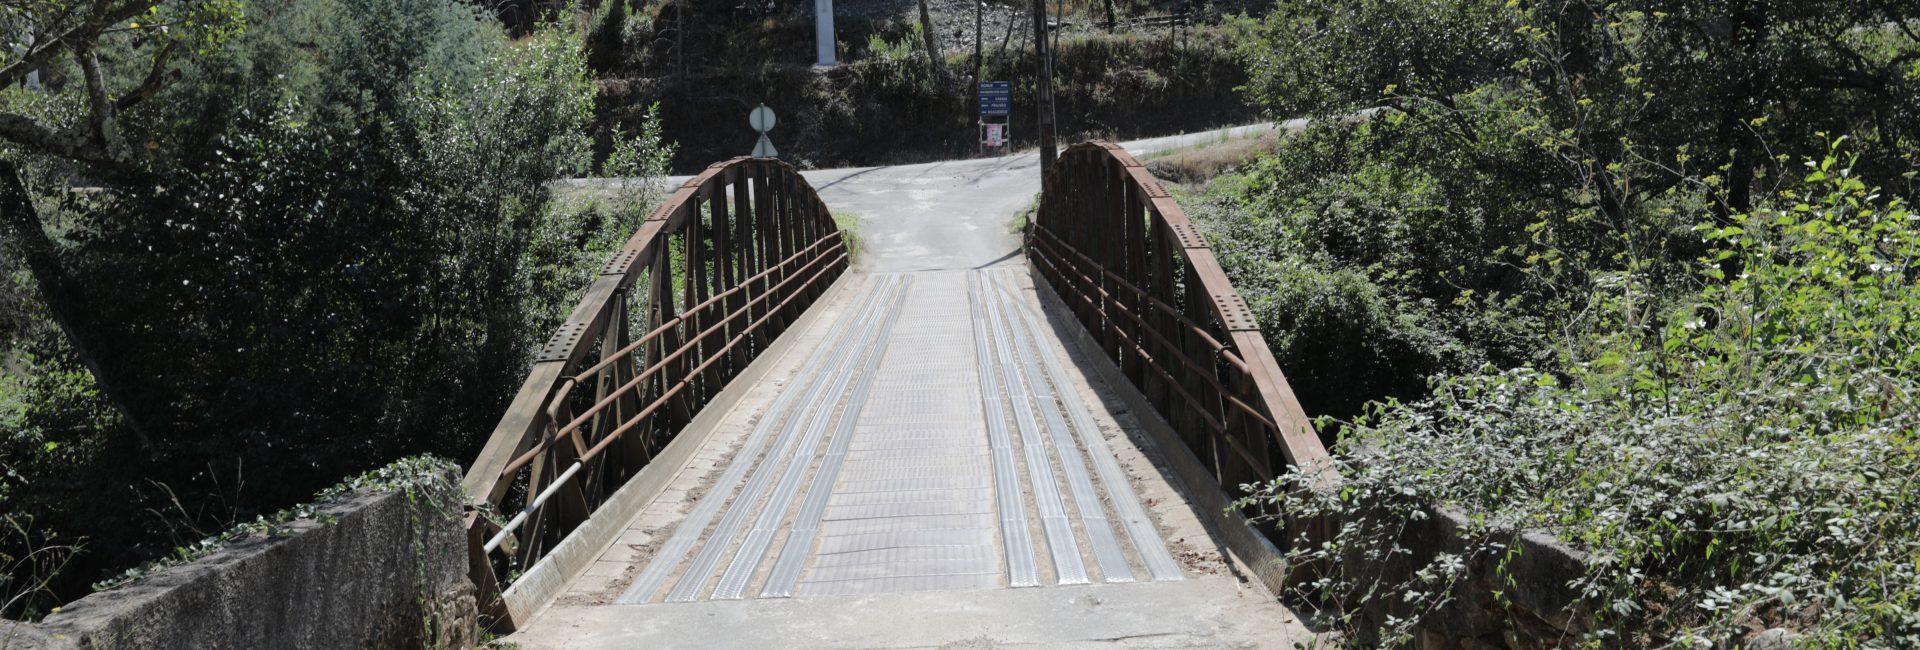 Autarquia disponibiliza transporte gratuito durante a empreitada de construção da nova Ponte do Boque